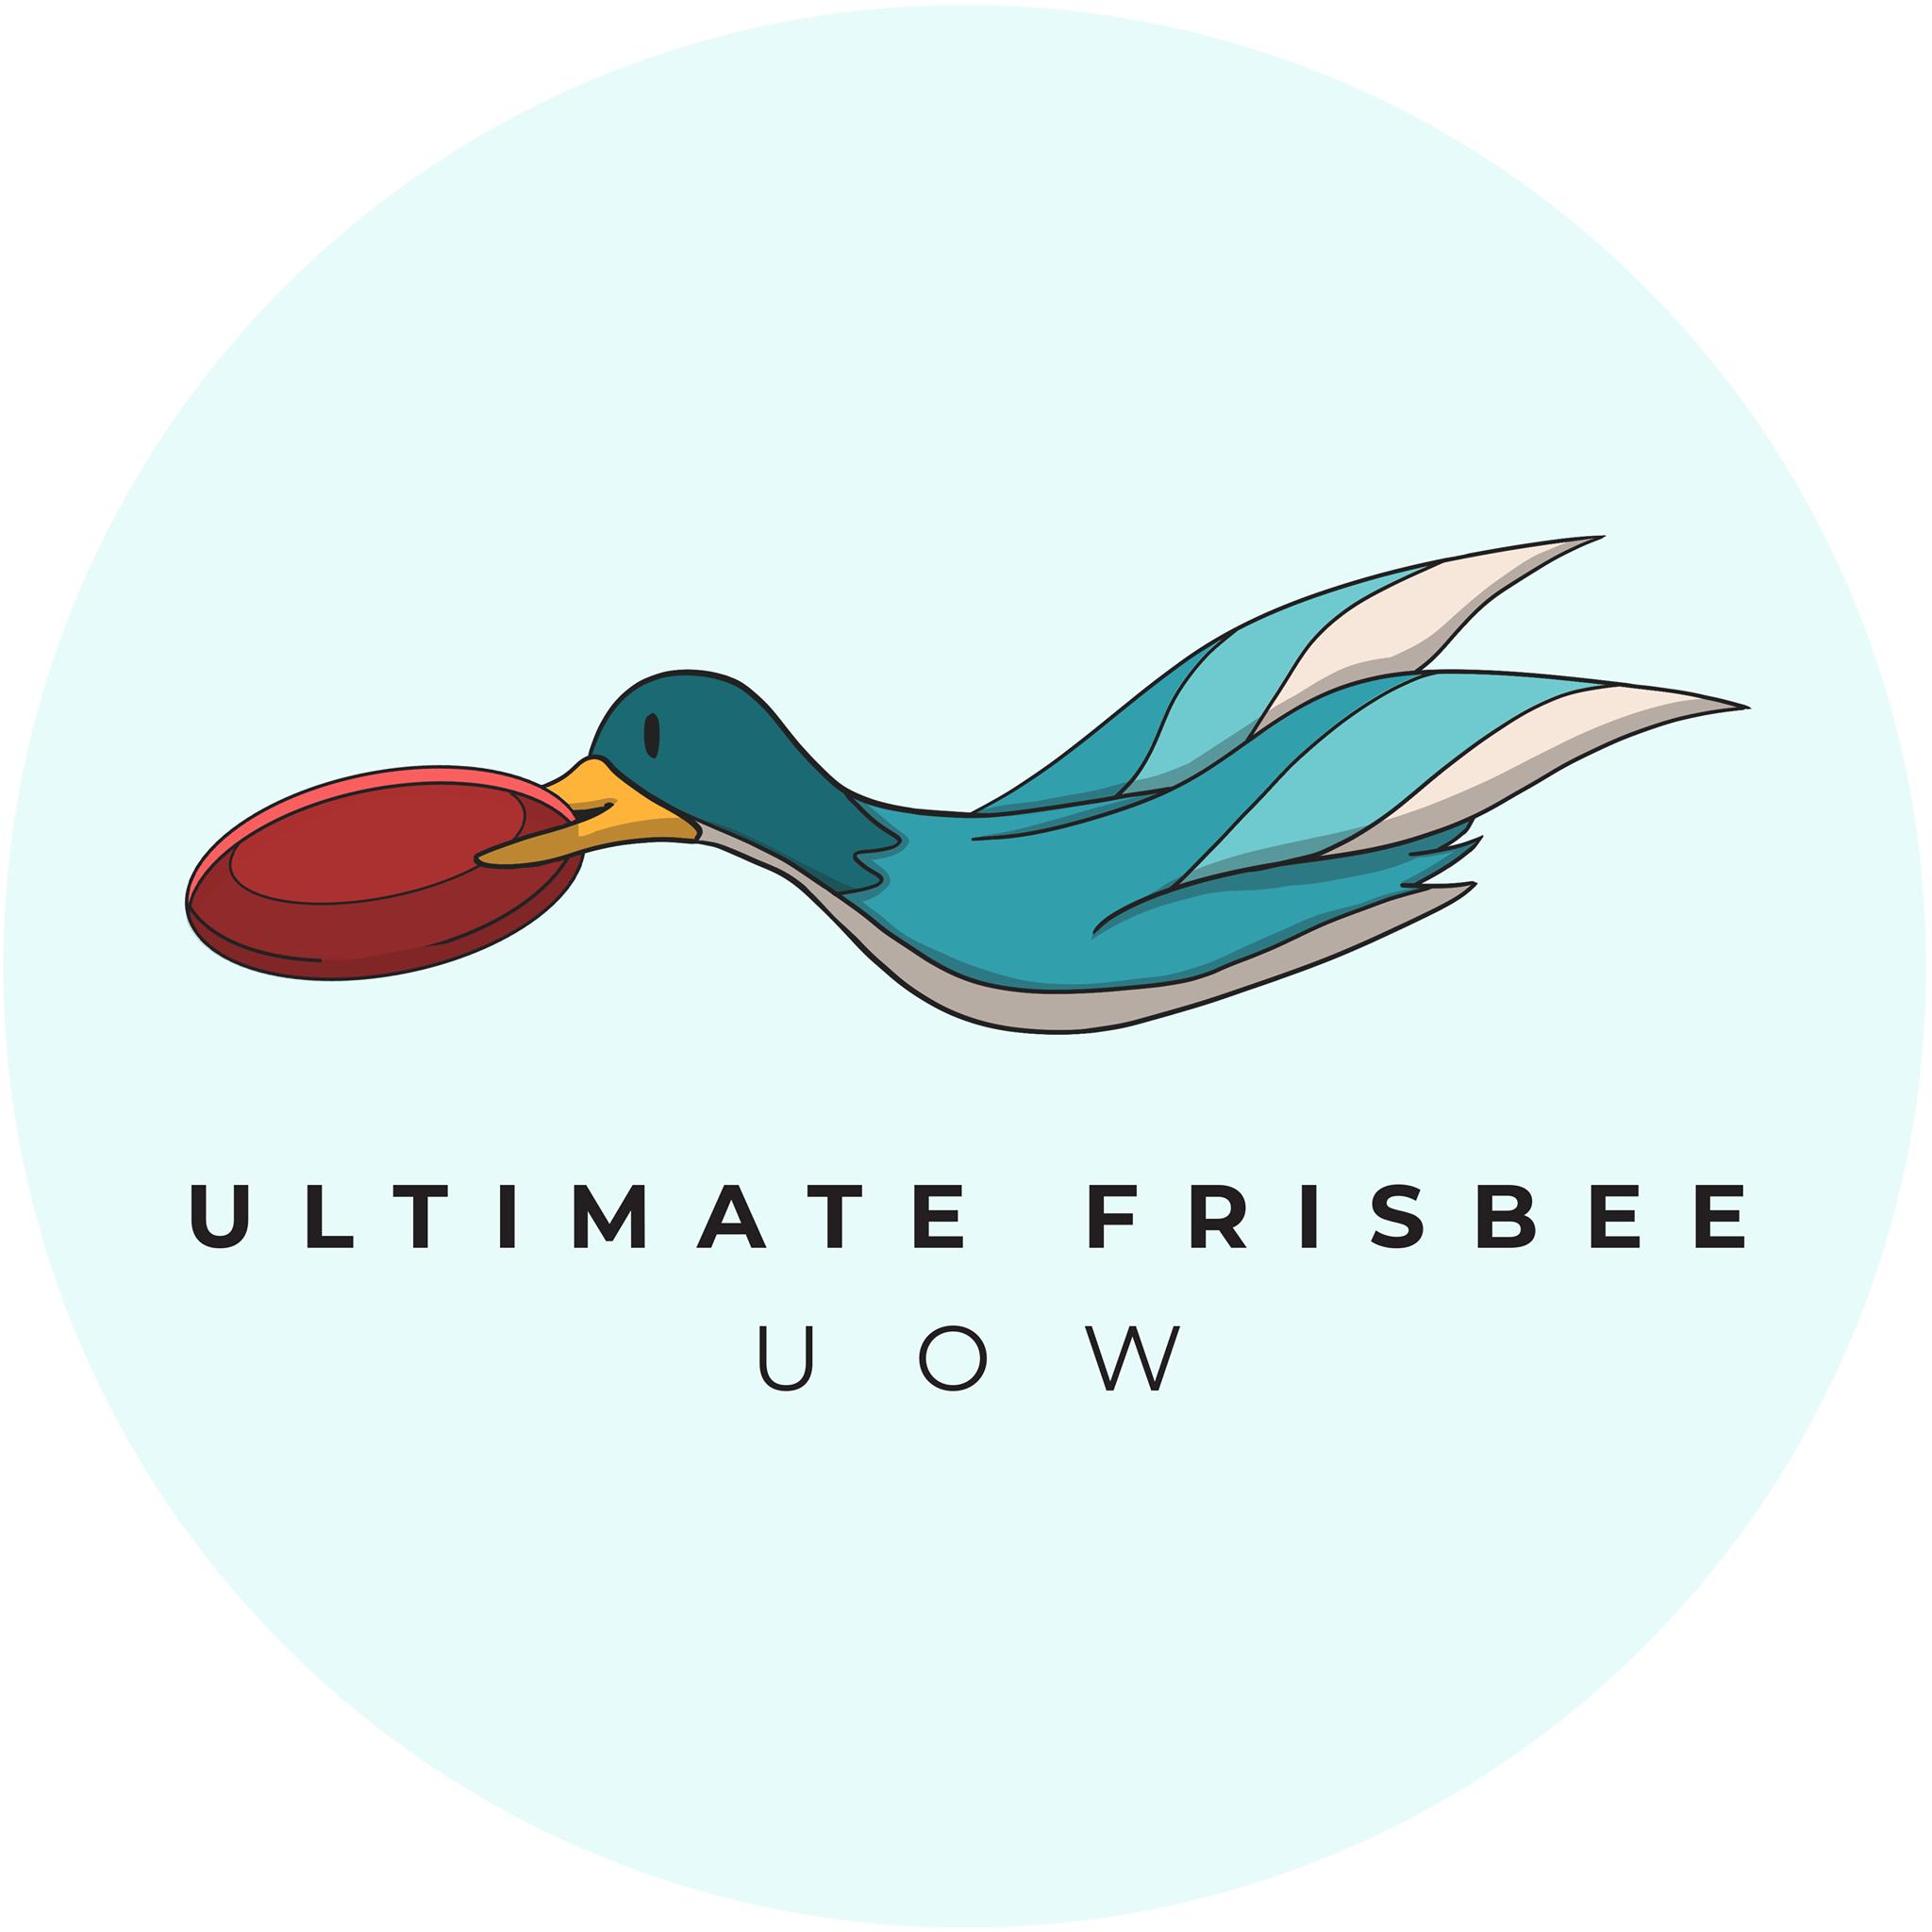 UniClubs - UOW Ultimate Frisbee Club Logo